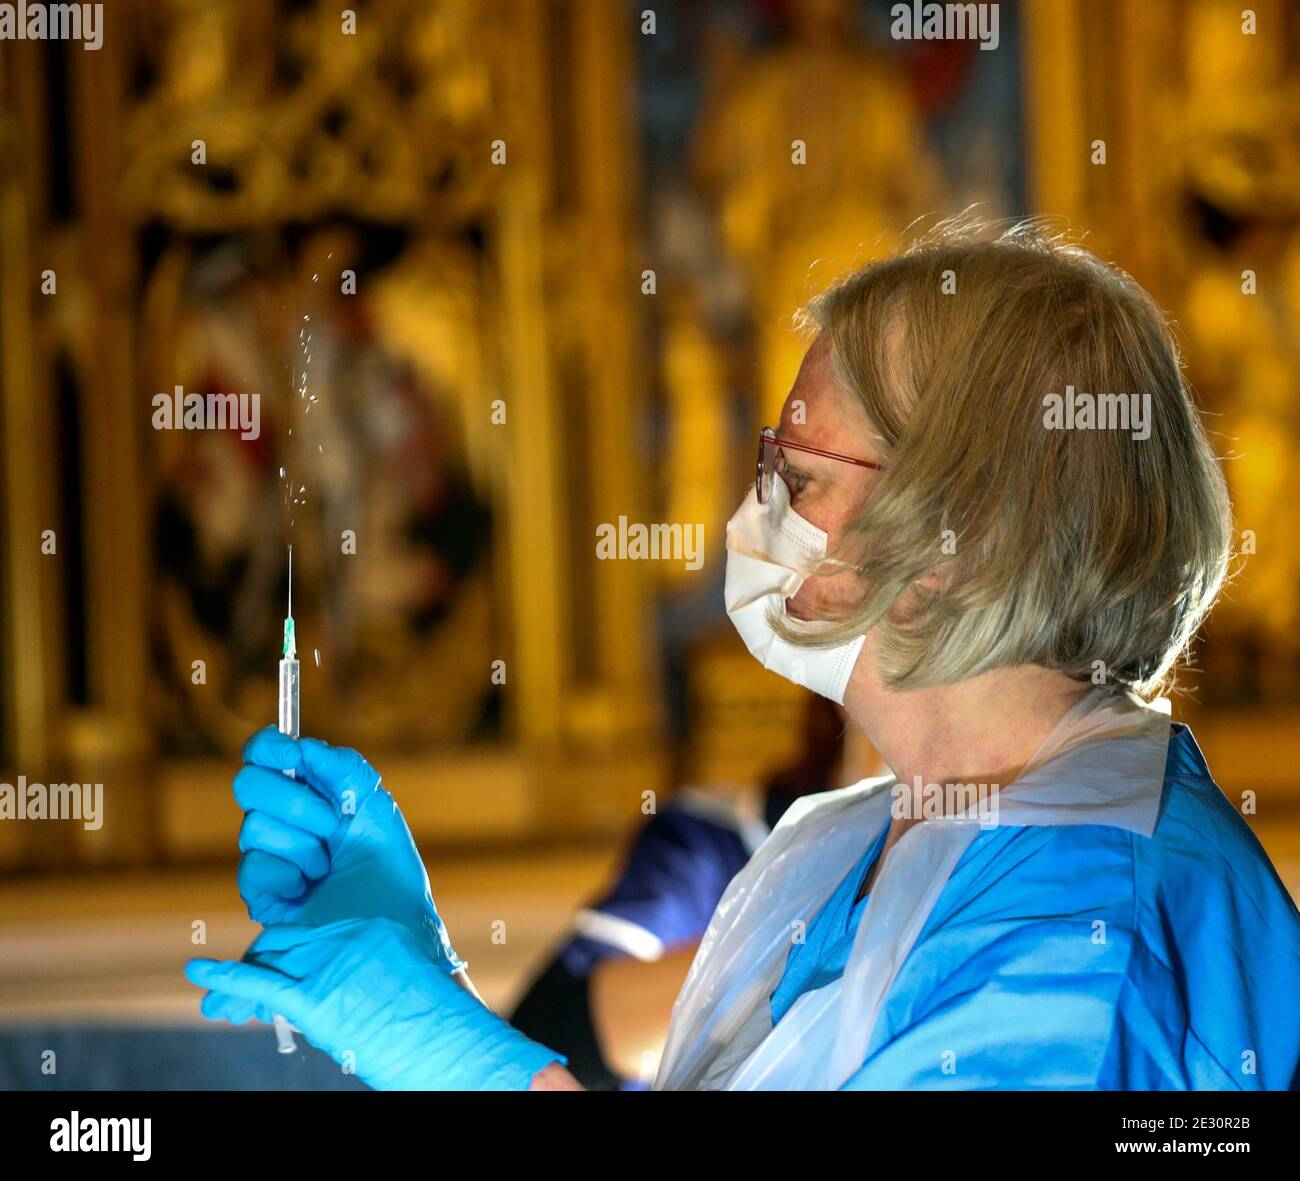 La vacuna contra el coronavirus de Pfizer es preparada por un trabajador de salud en la Catedral de Salisbury, Wiltshire, antes de ser administrada a miembros del público. Foto de stock